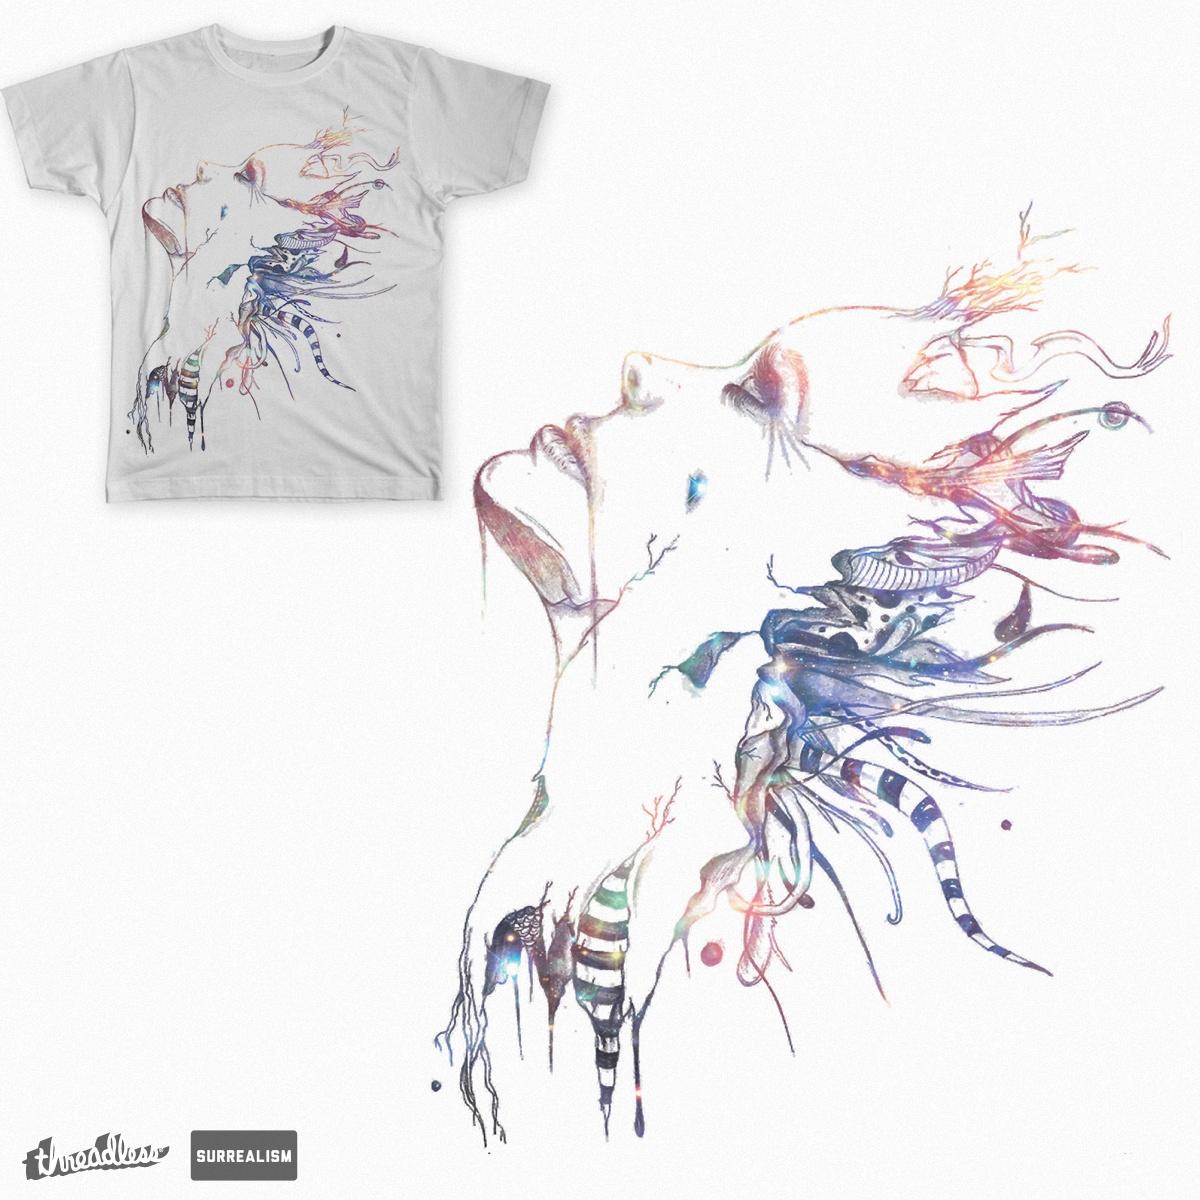 Nebula by stephanie_jean on Threadless